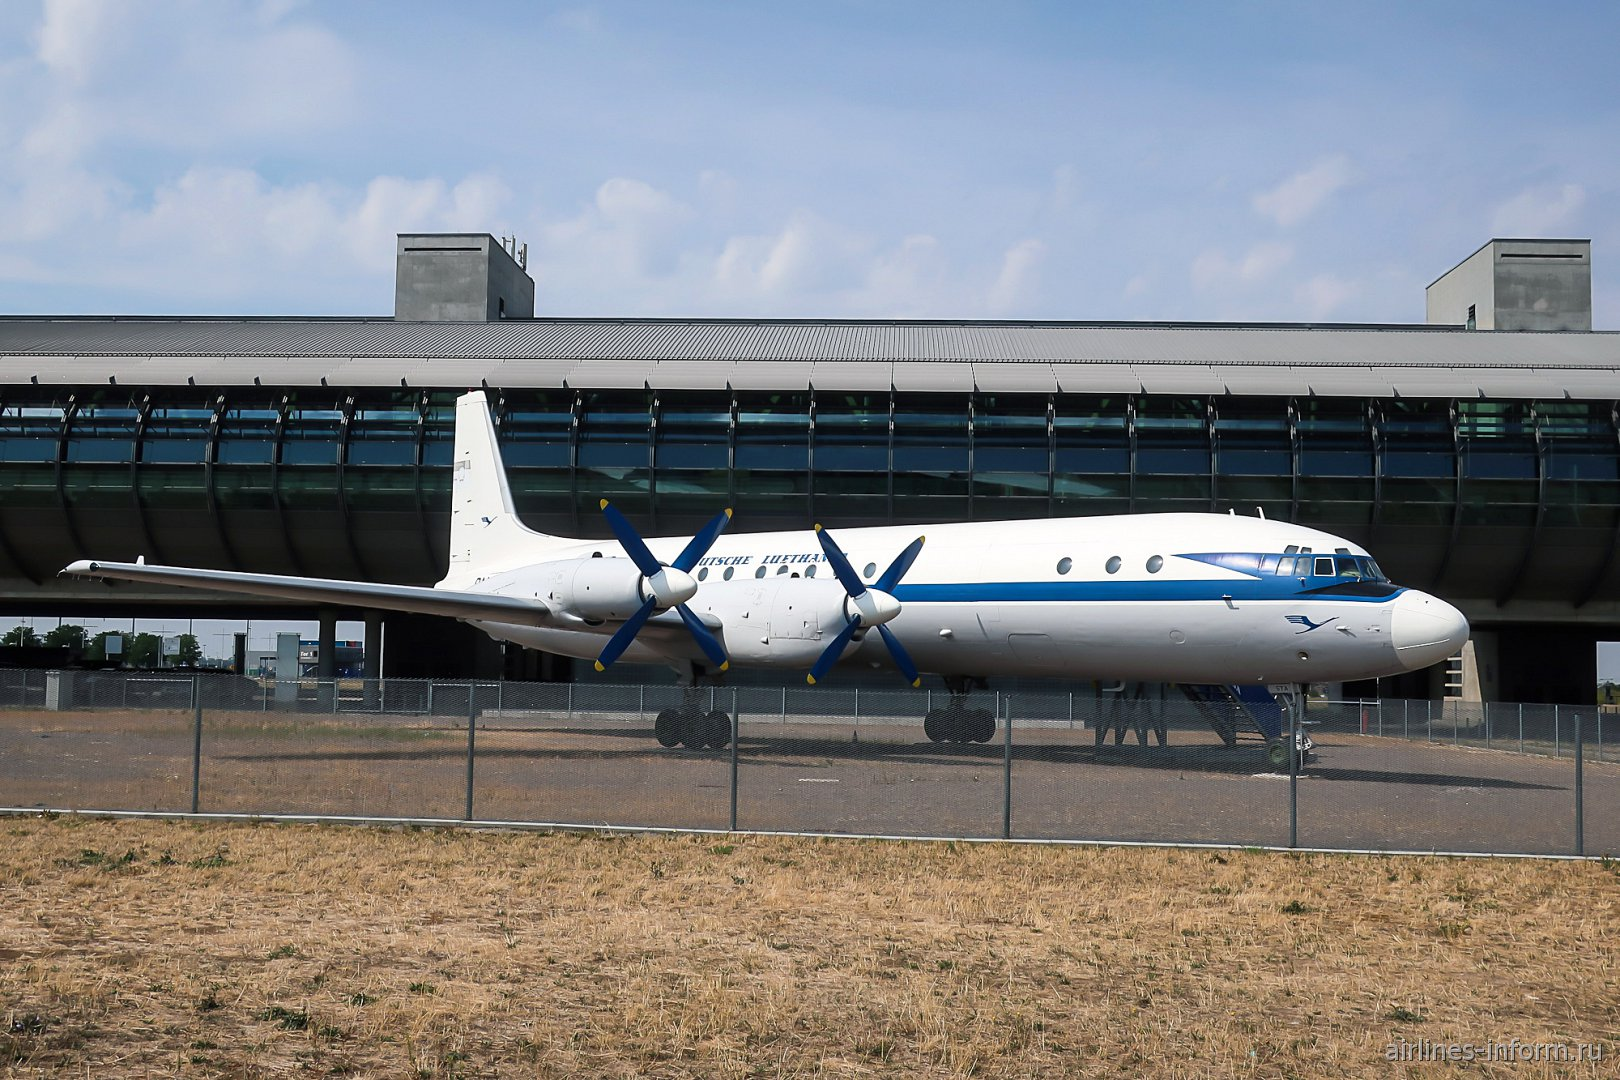 Самолет Ил-18, рег. номер DM-STA в аэропорту Лейпциг-Галле